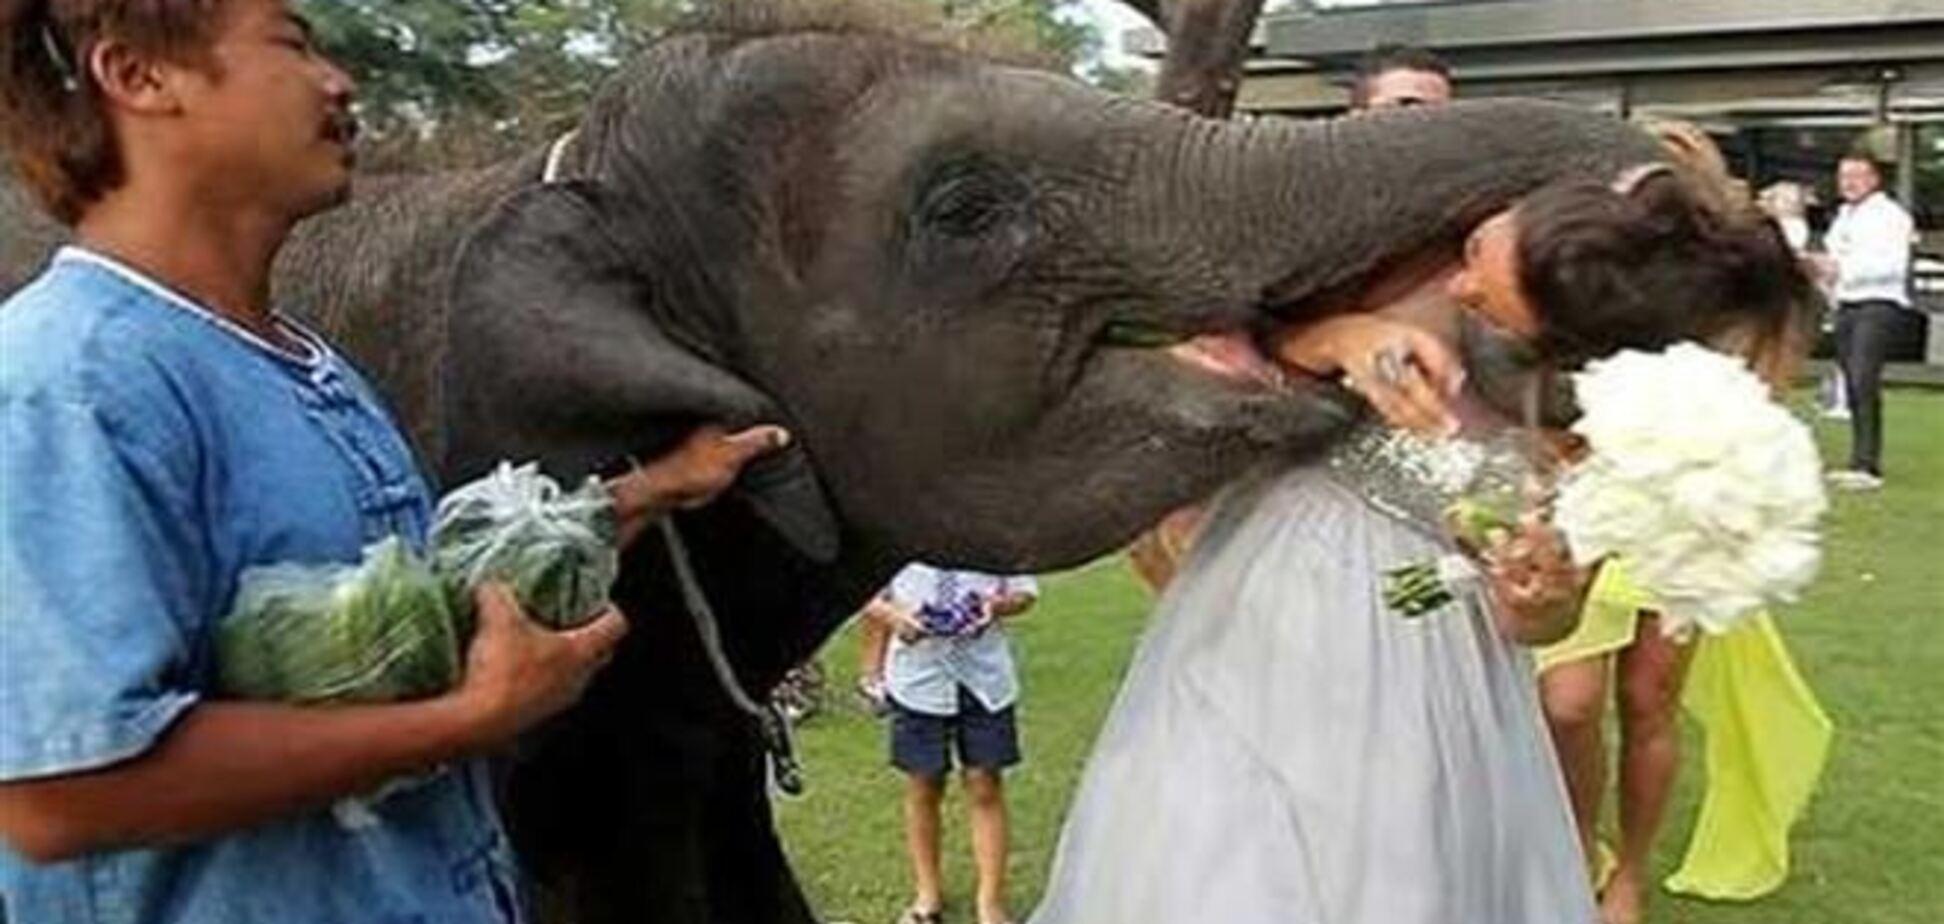 Курьез на свадьбе в Таиланде: слон едва не пообедал невестой